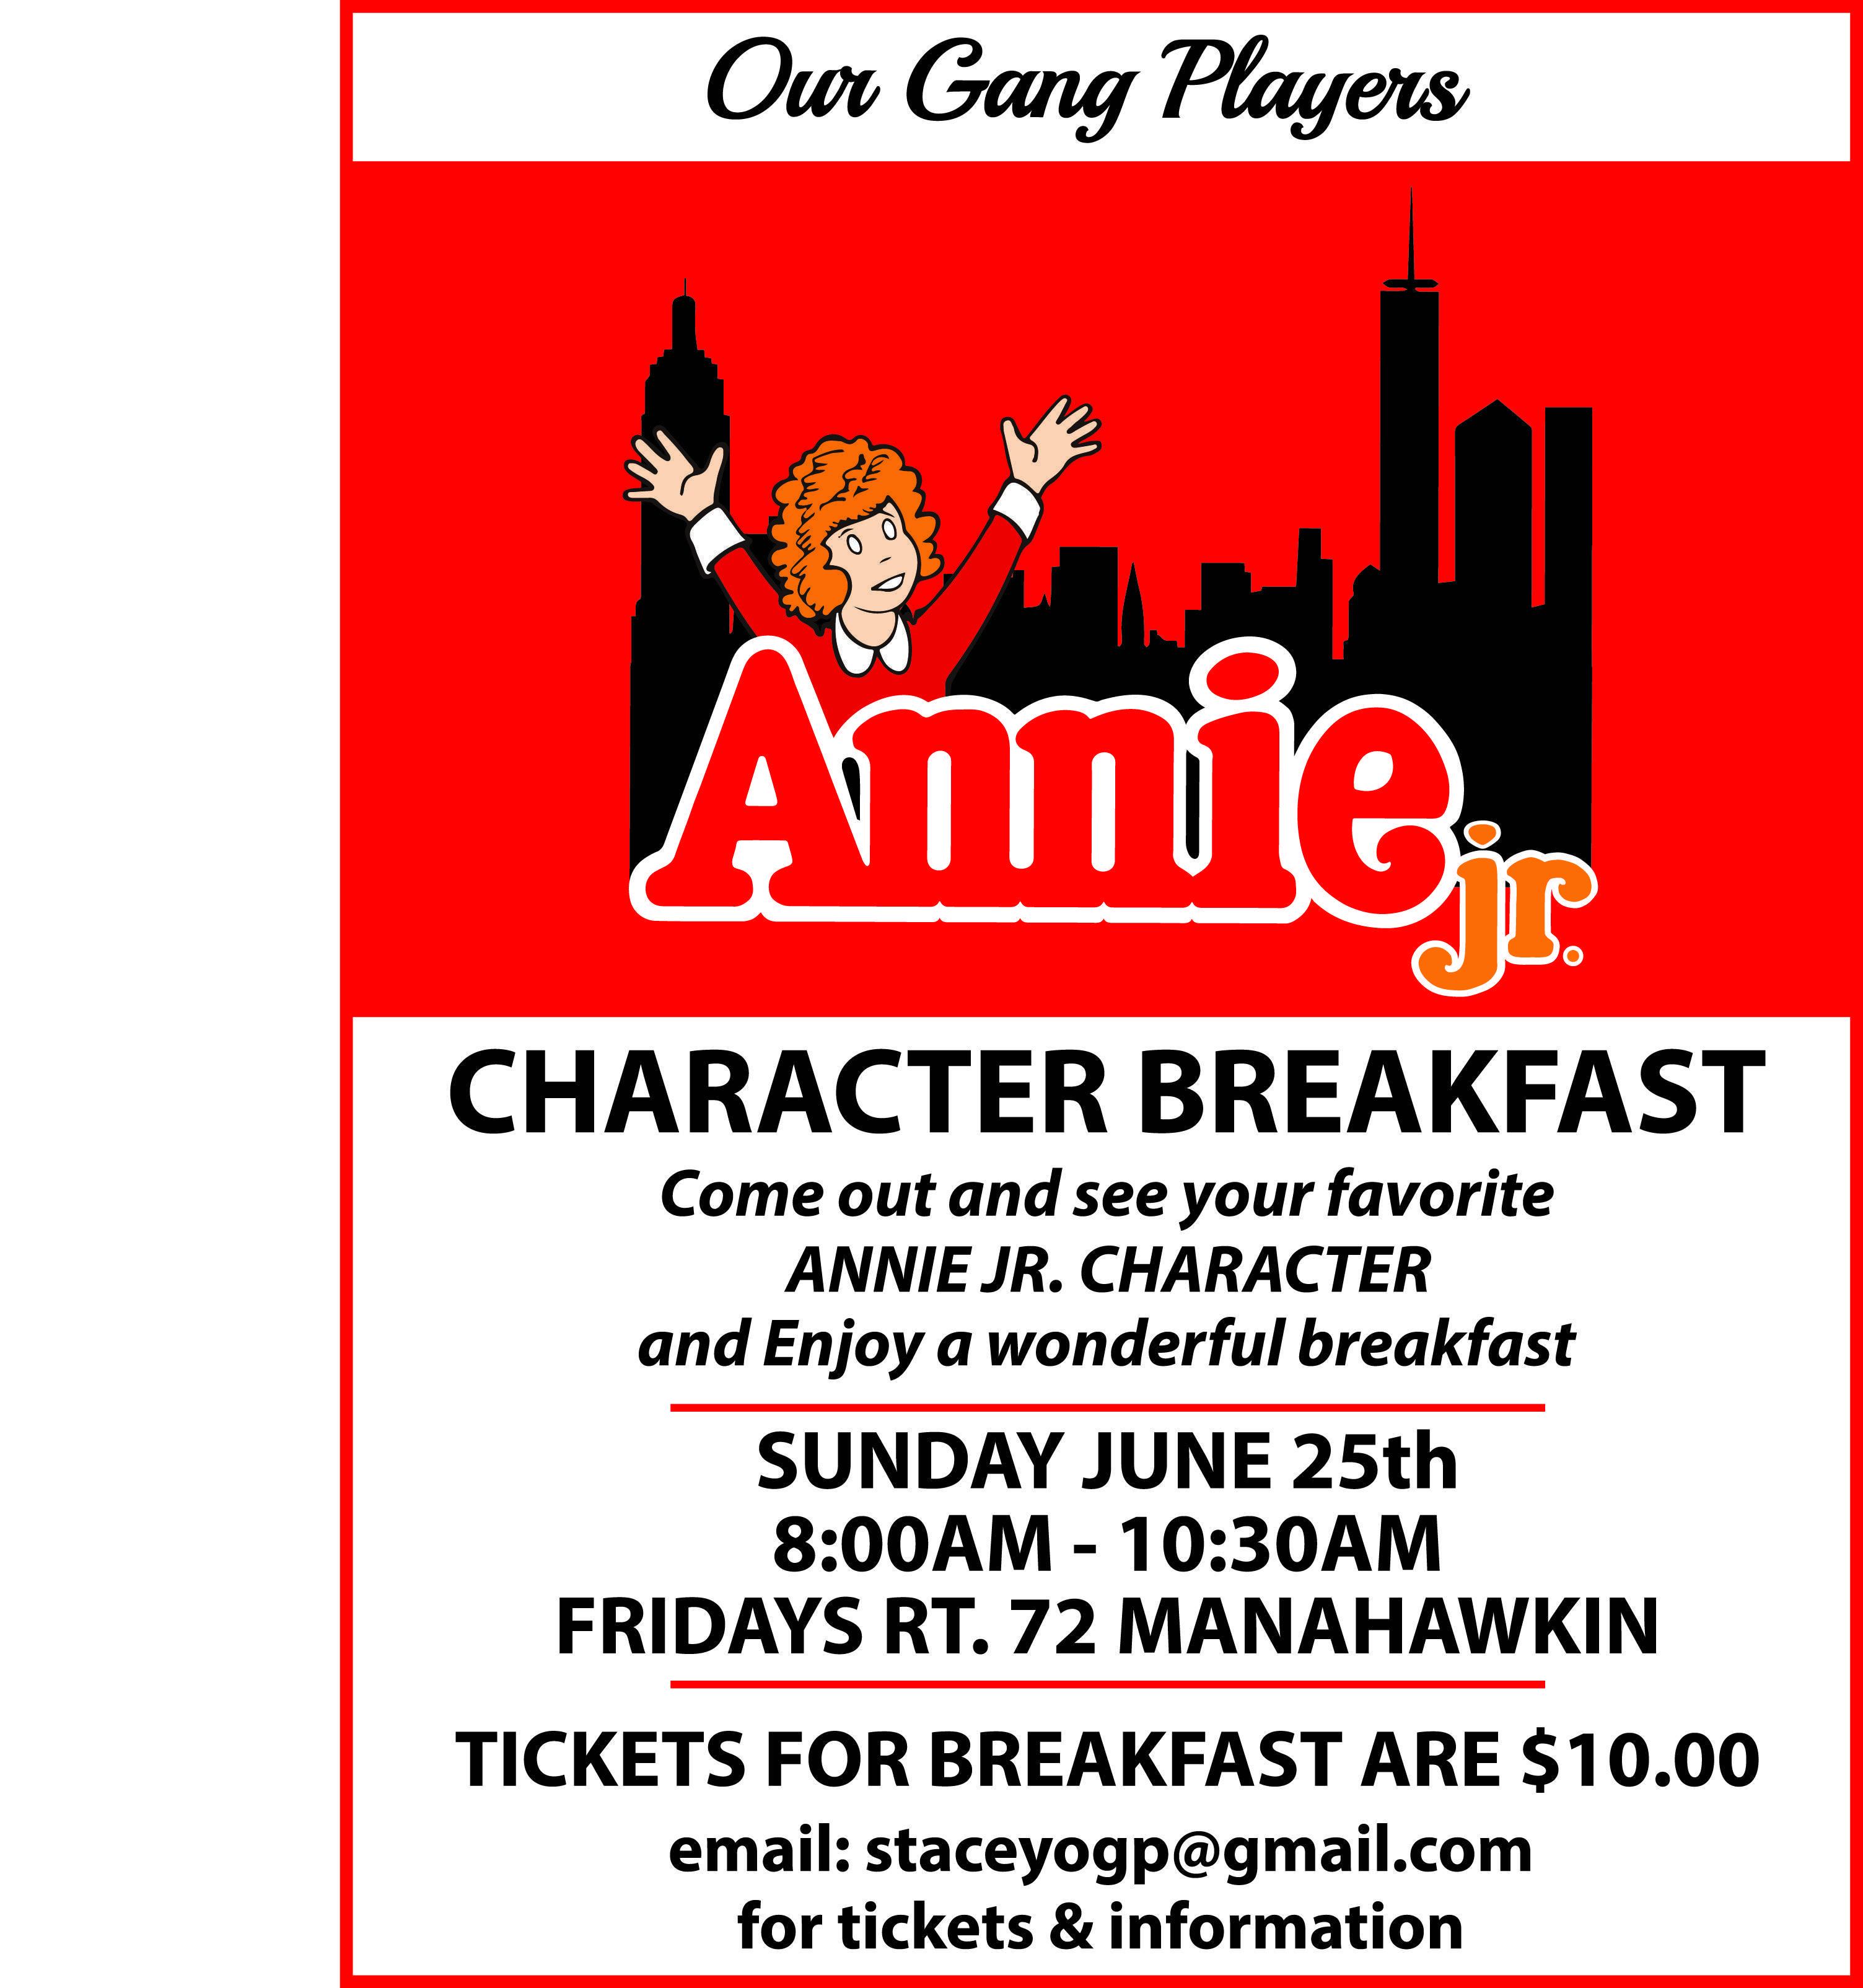 be6f7b1cc5f7e4409274_annie_breakfast_new.jpg